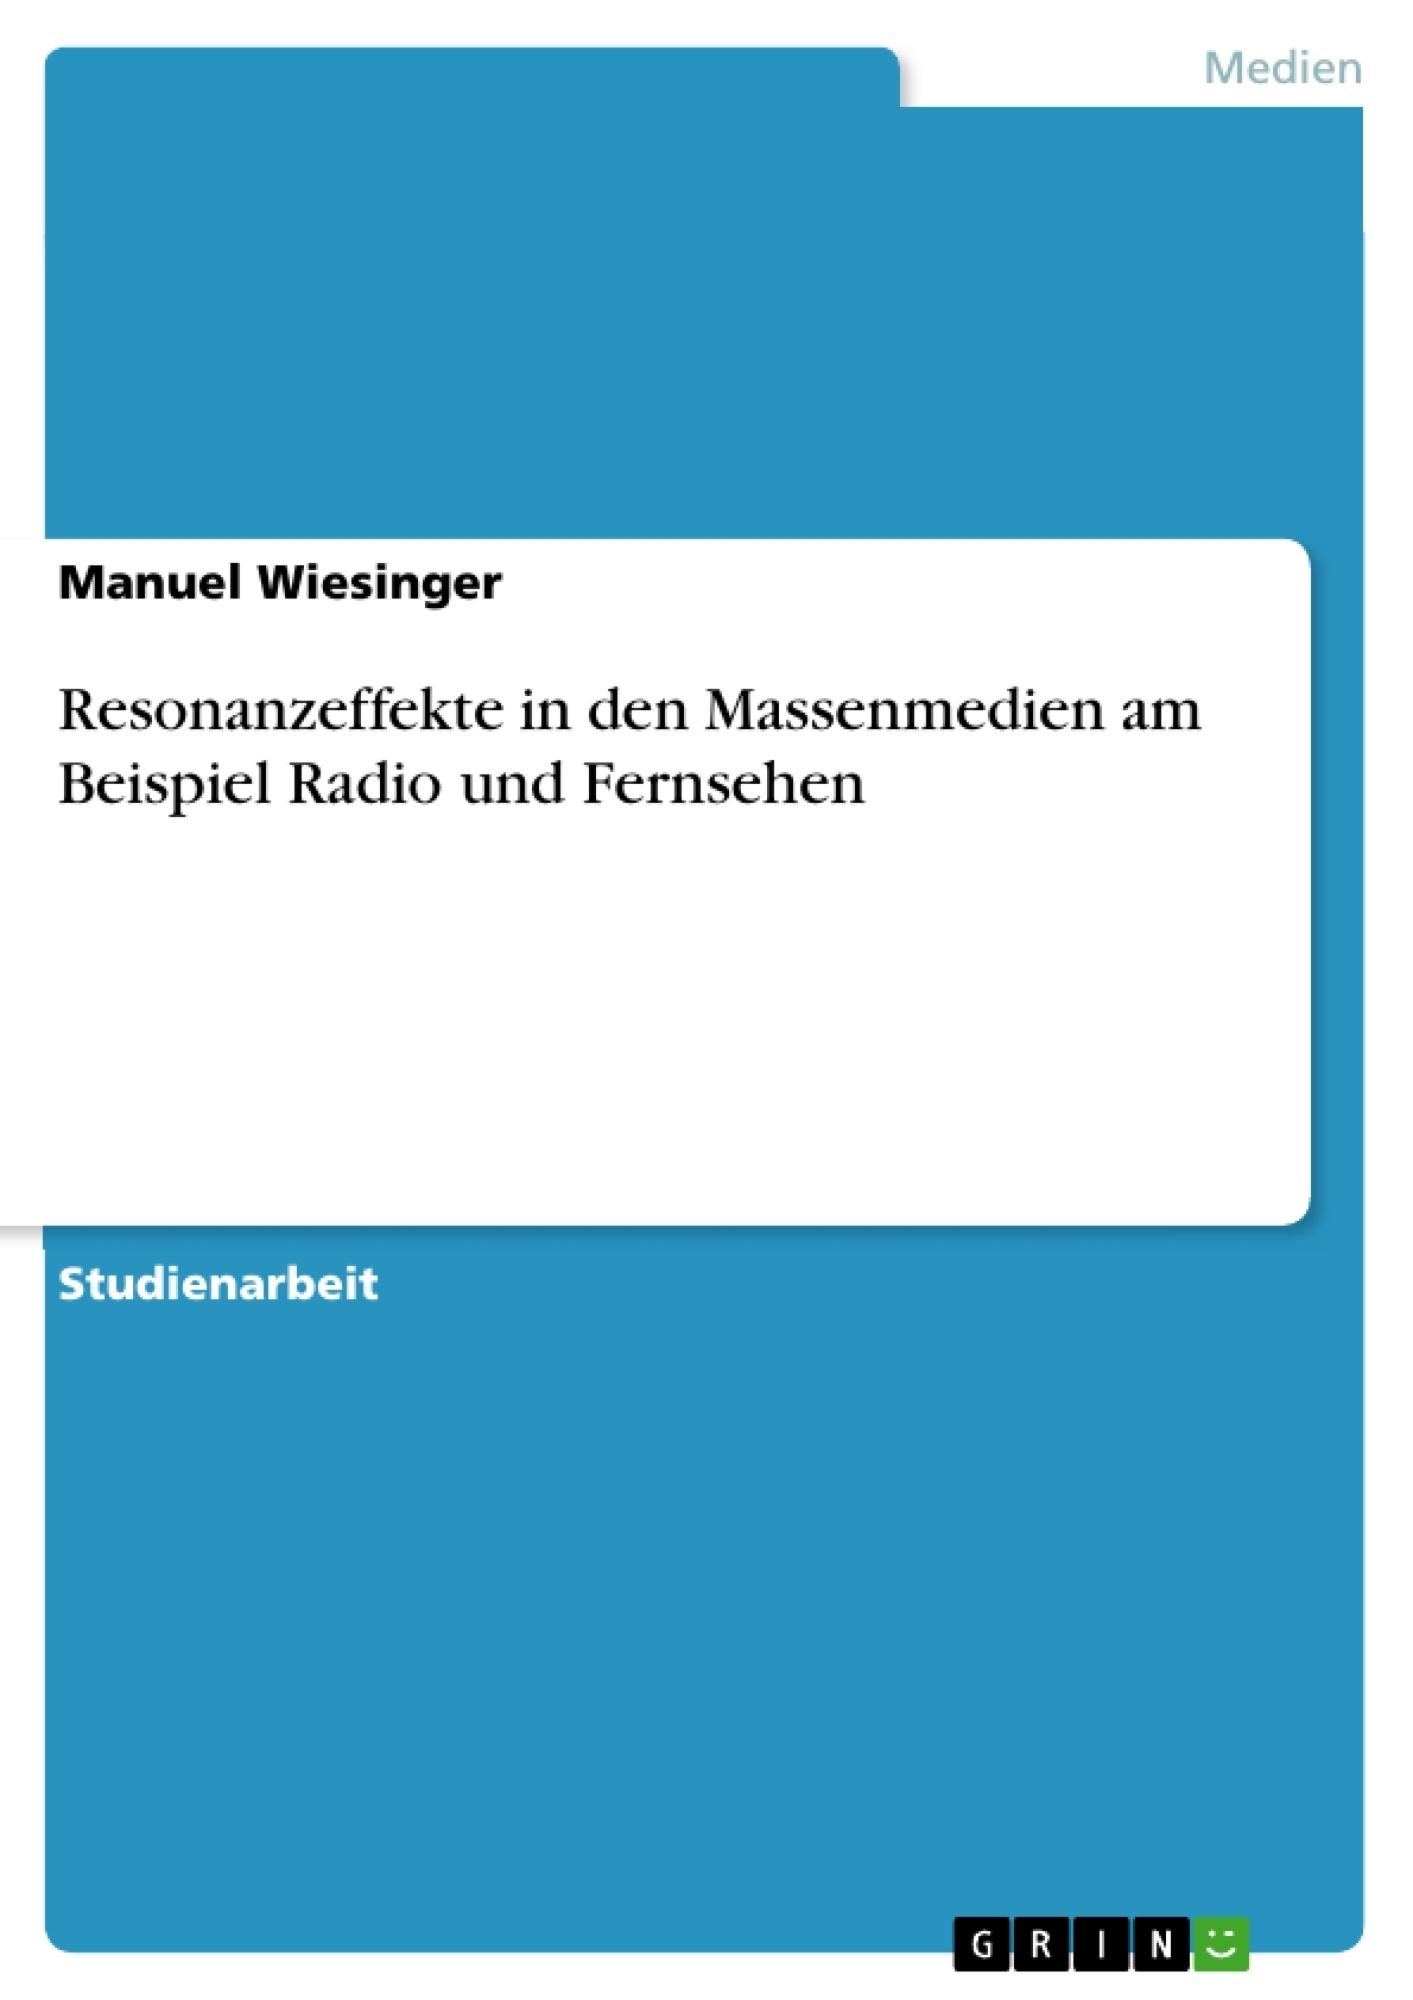 Titel: Resonanzeffekte in den Massenmedien am Beispiel Radio und Fernsehen